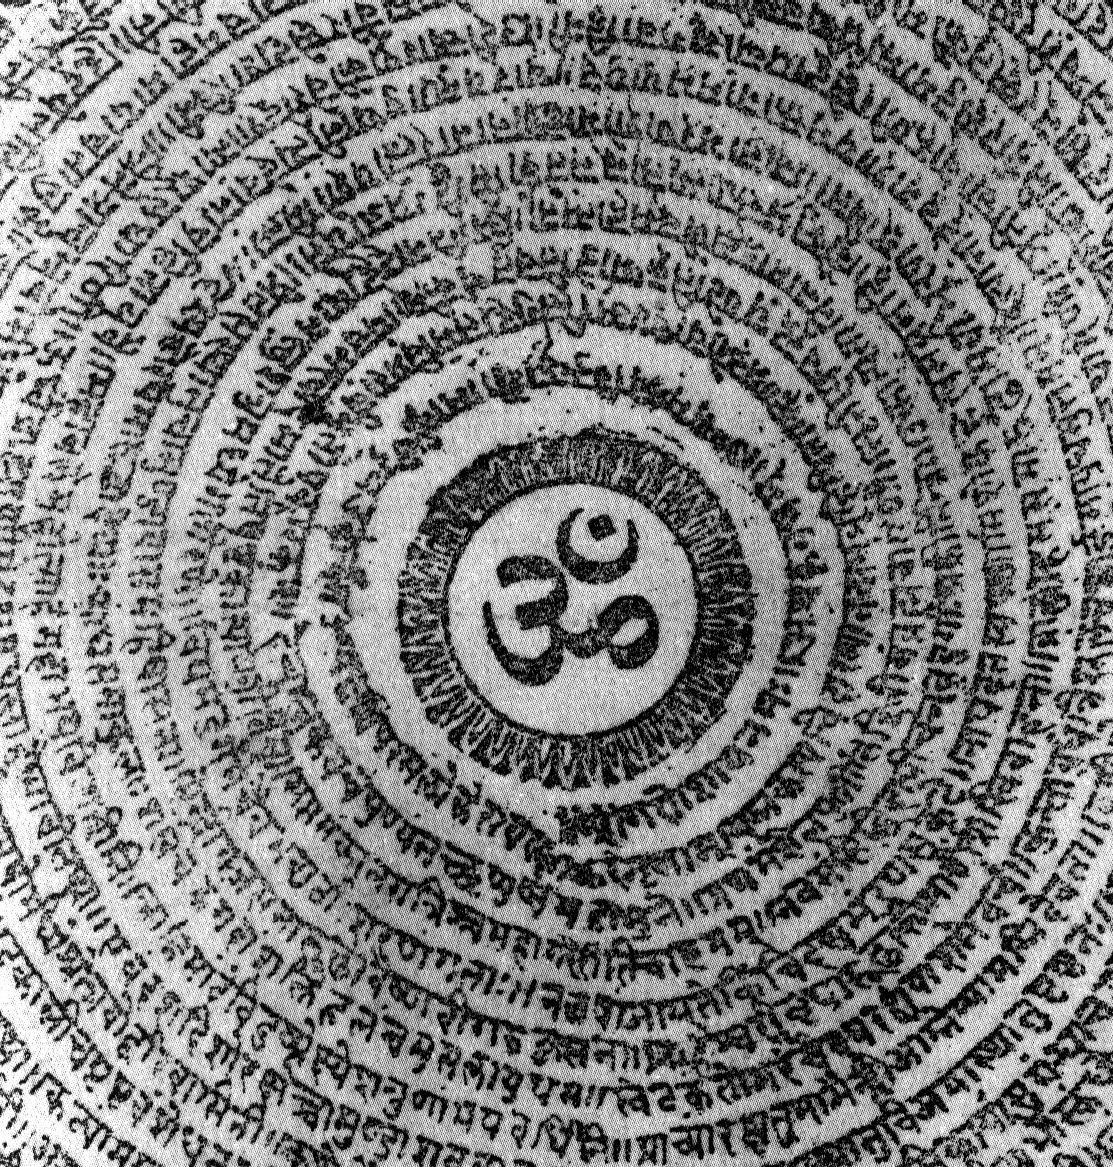 Infinite Lila: Om Namah Shivaya Gurave